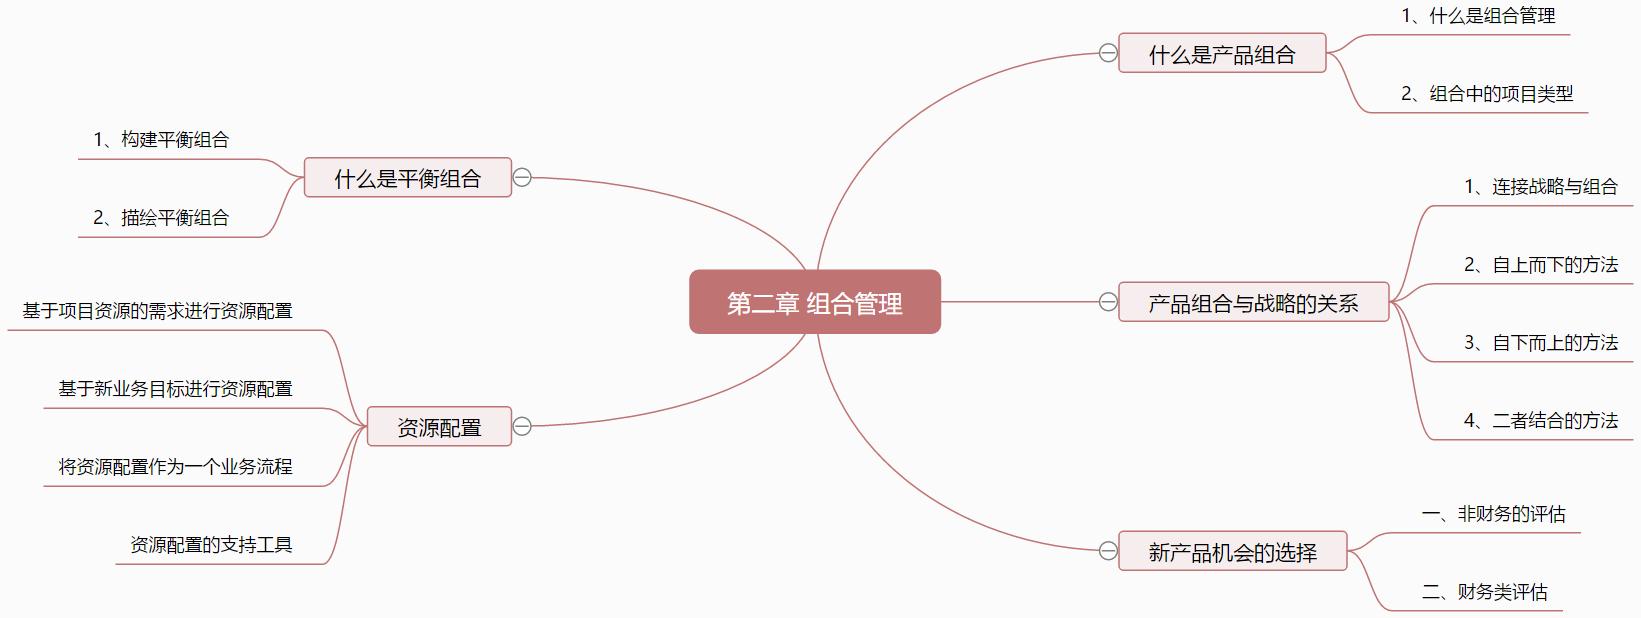 《NPDP产品经理认证知识体系指南》目录导图